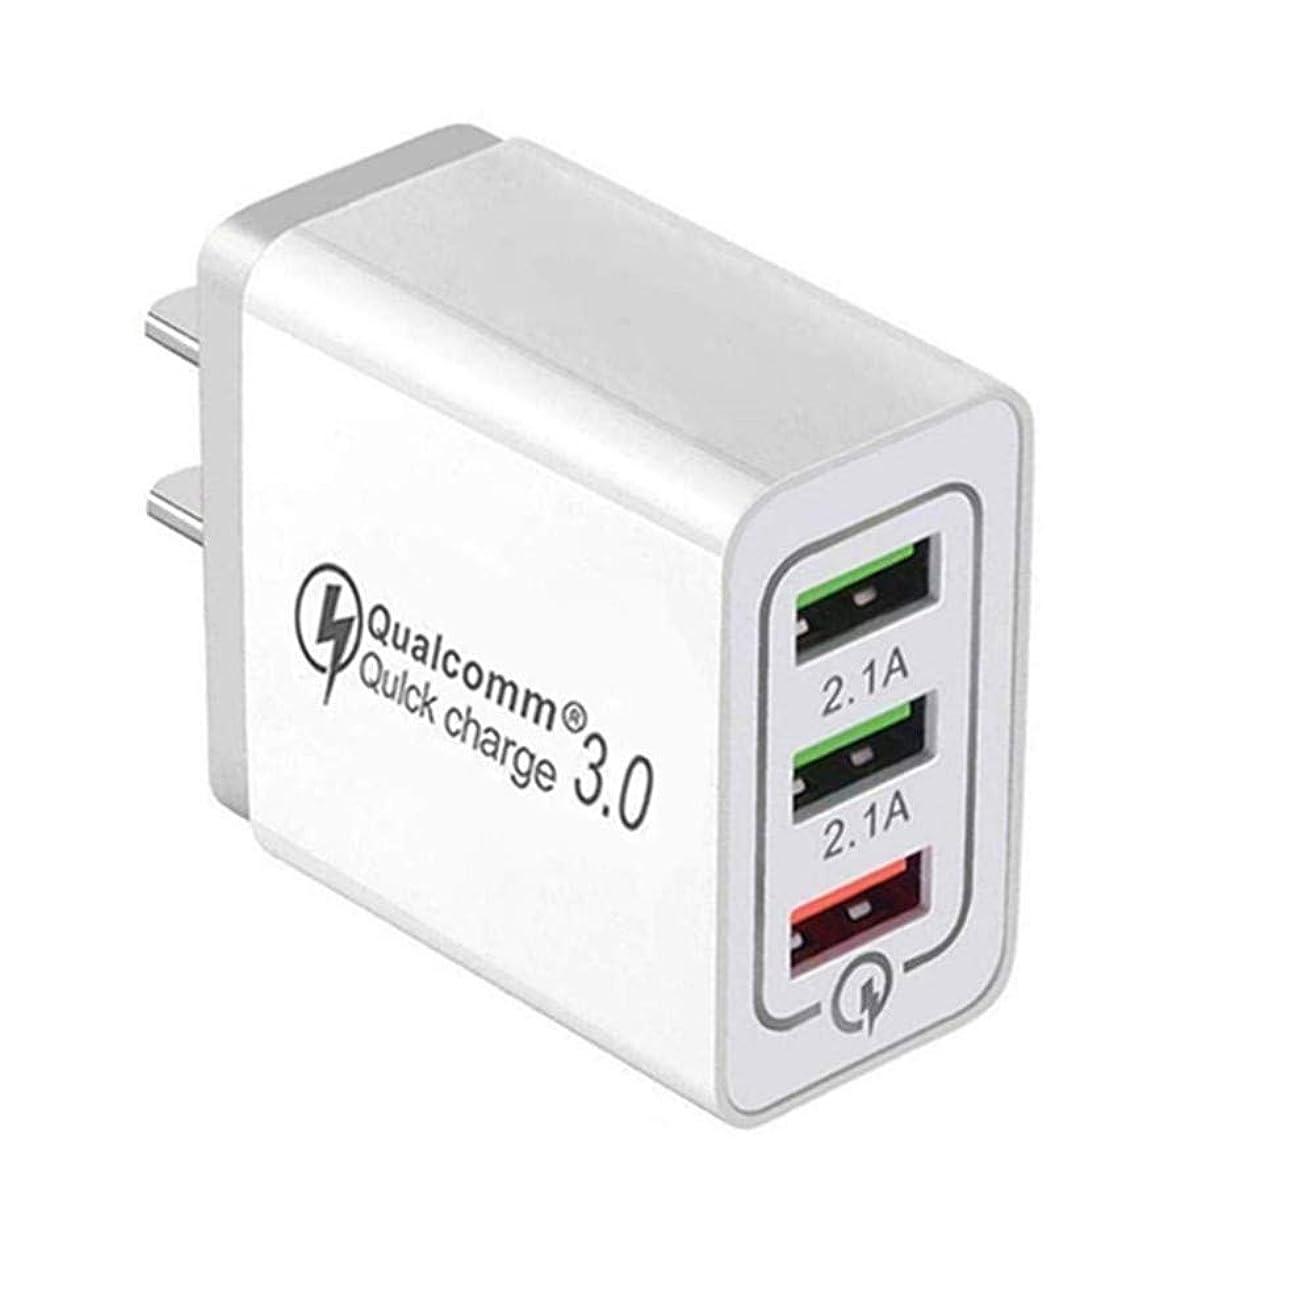 時間とともにキャンベラ風邪をひくUSB充電器 ACアダプター QC3.0 搭載 3ポート 急速充電 30W USBコンパクト スマホ充電器 iPhone/iPad/Android/TypeC/ゲーム その他のUSB機器対応 - ホワイト (USB 3.0)